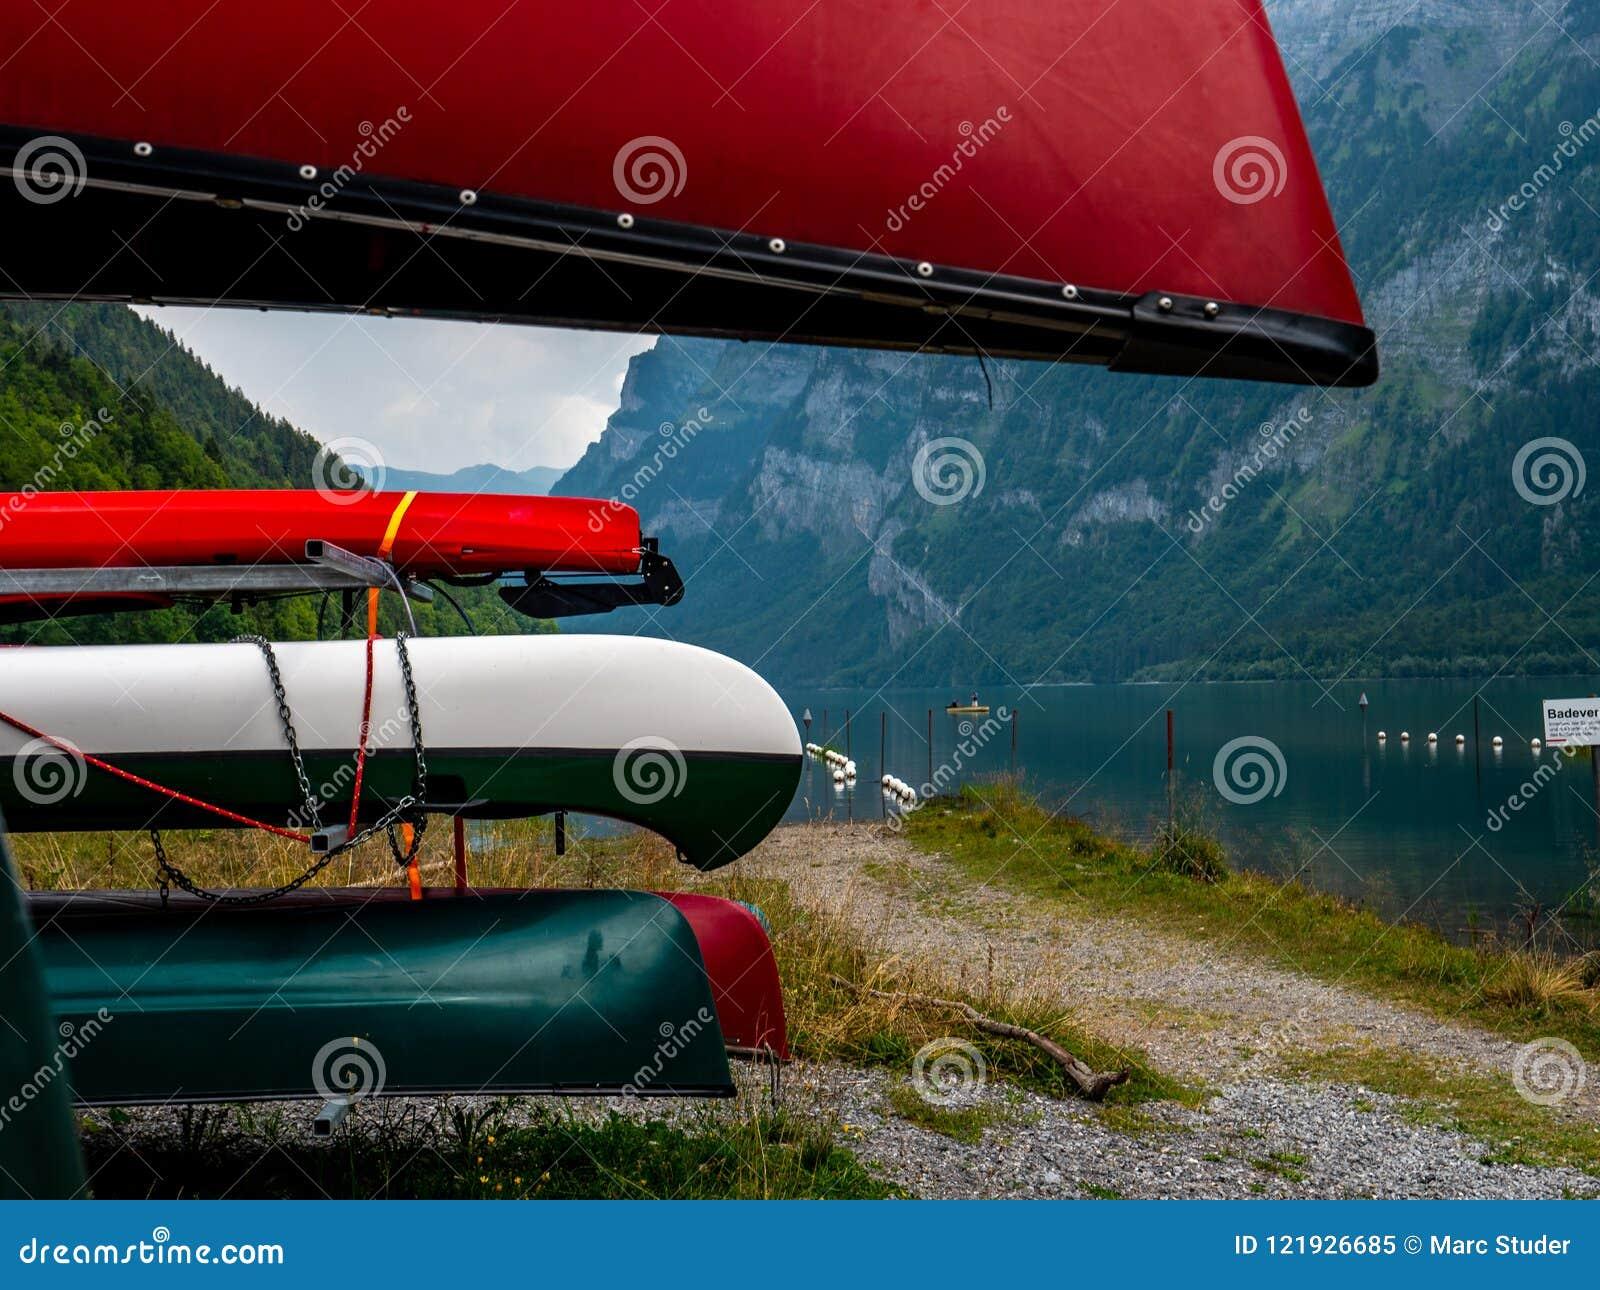 Beaucoup de canoës colorés stockés à un endroit de location à un lac suisse de montagne